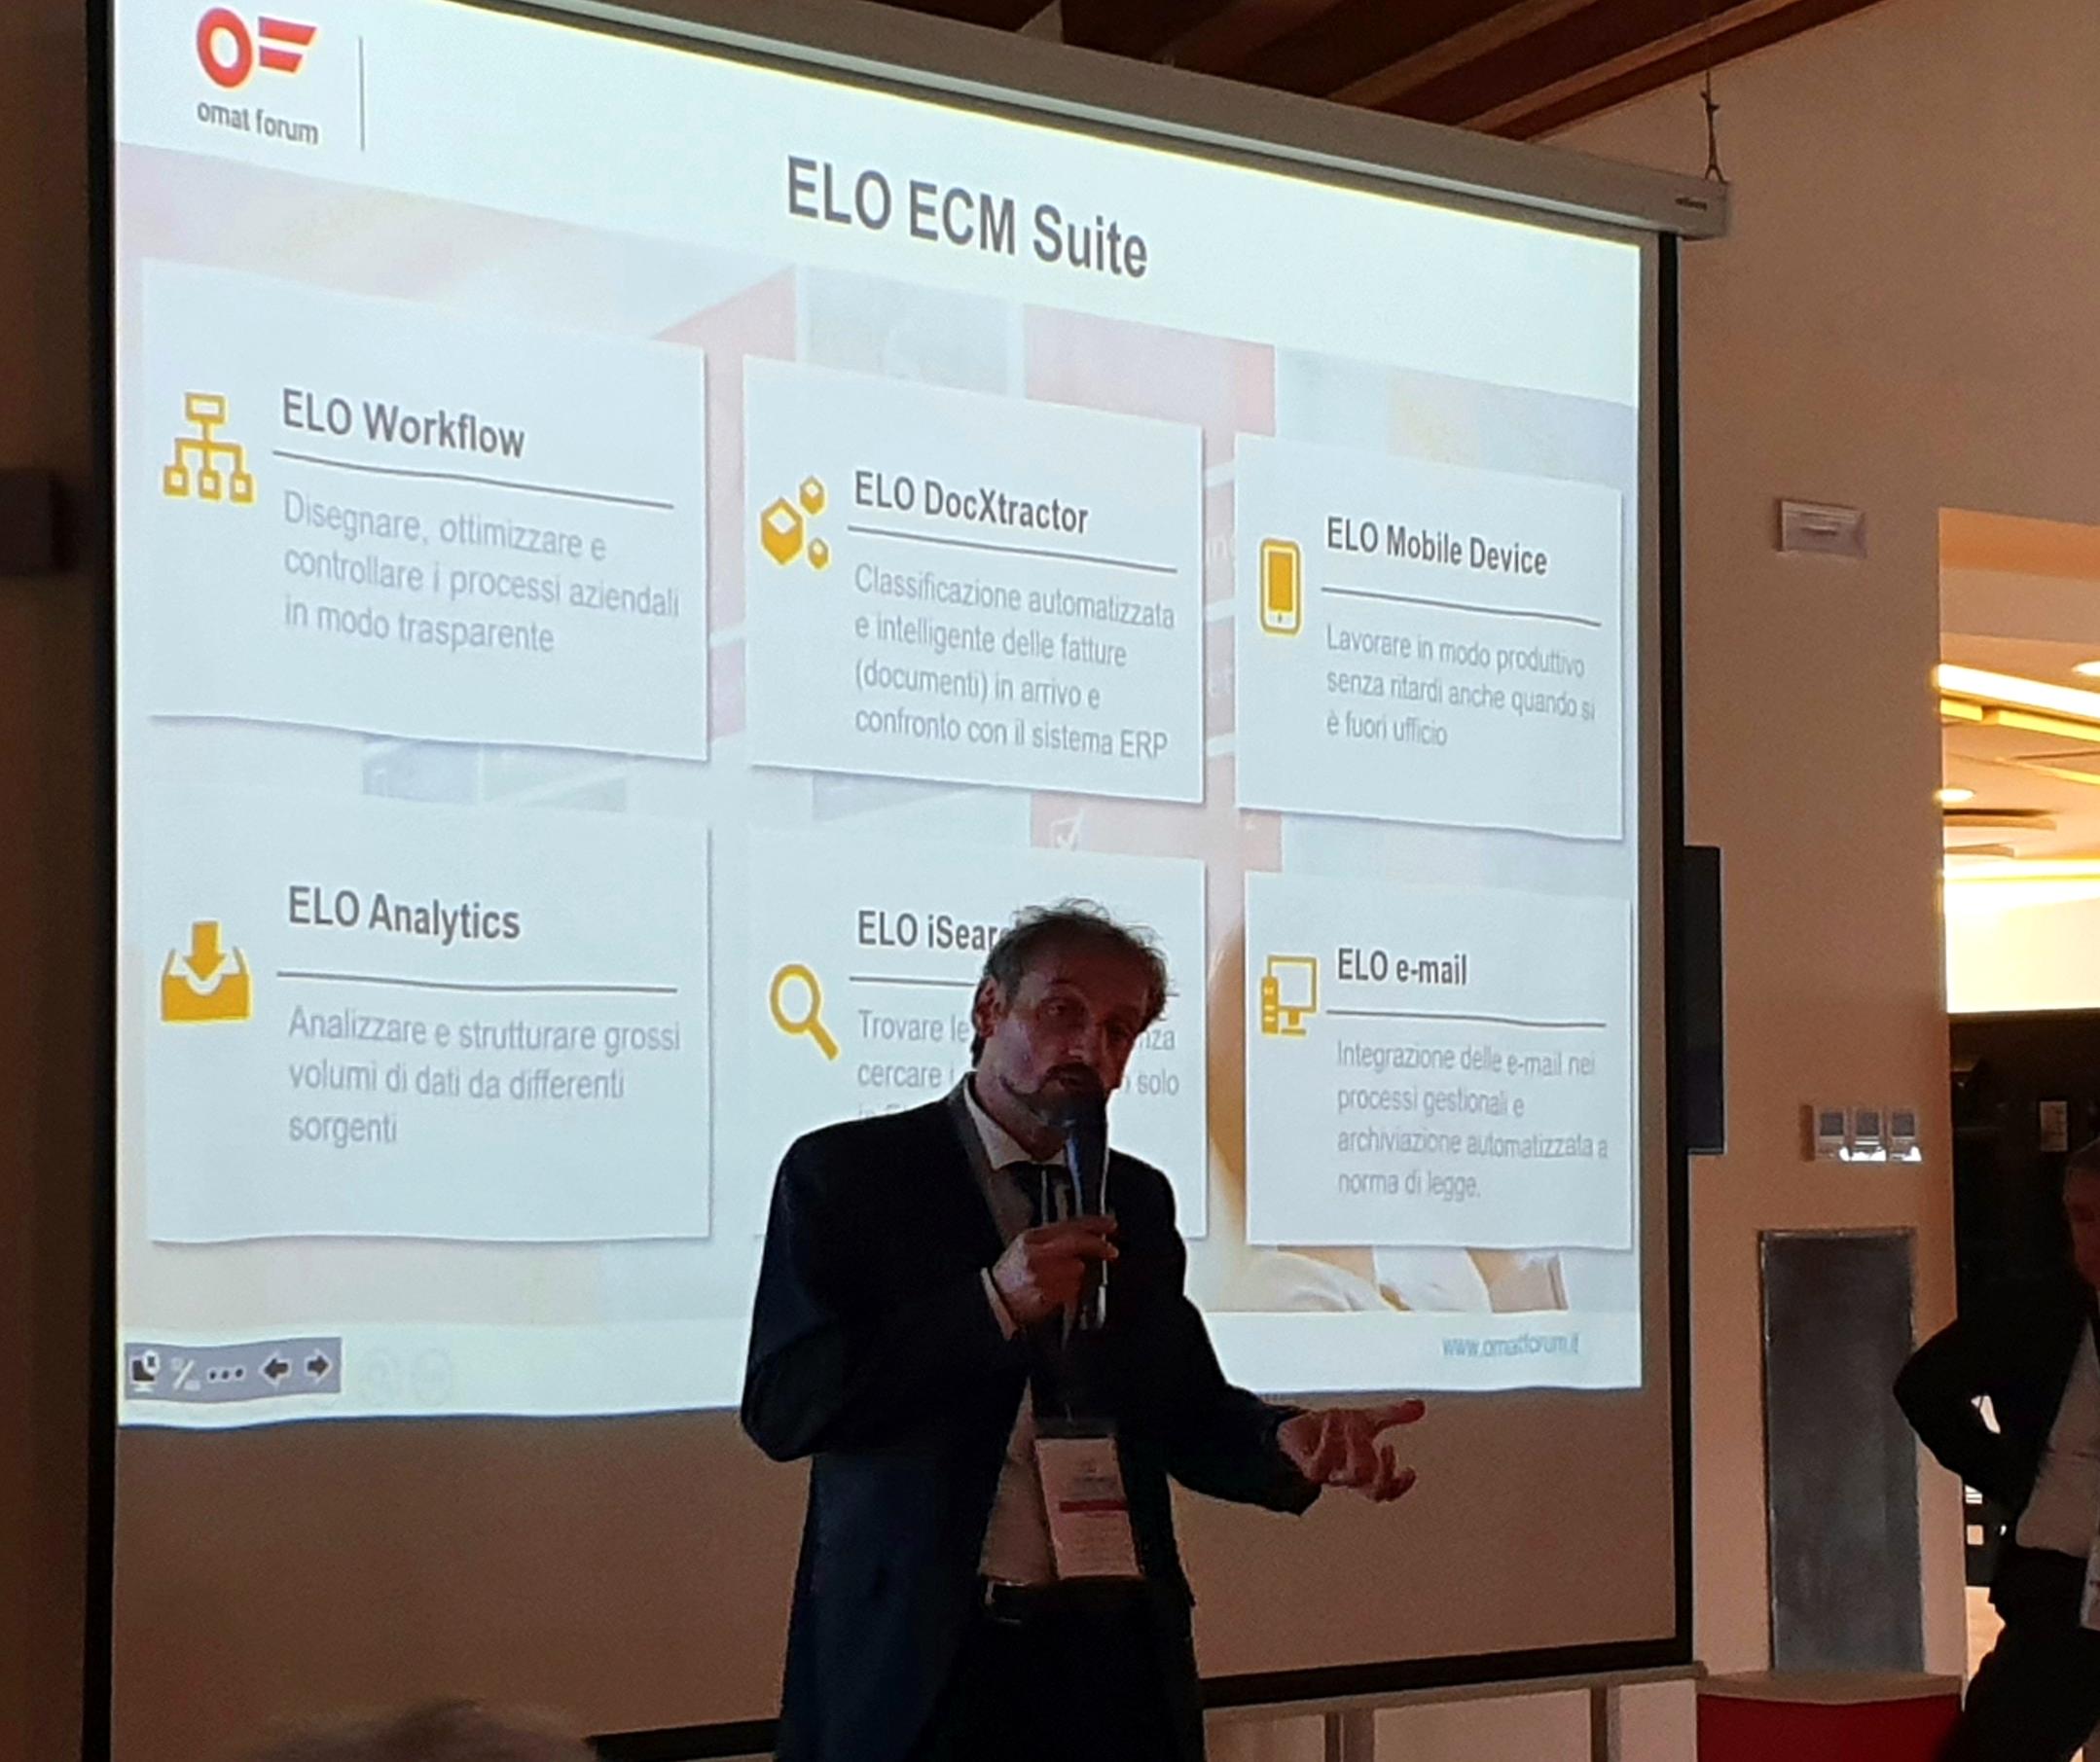 La gestione documentale di Elo all'Omat Forum Milano 2019